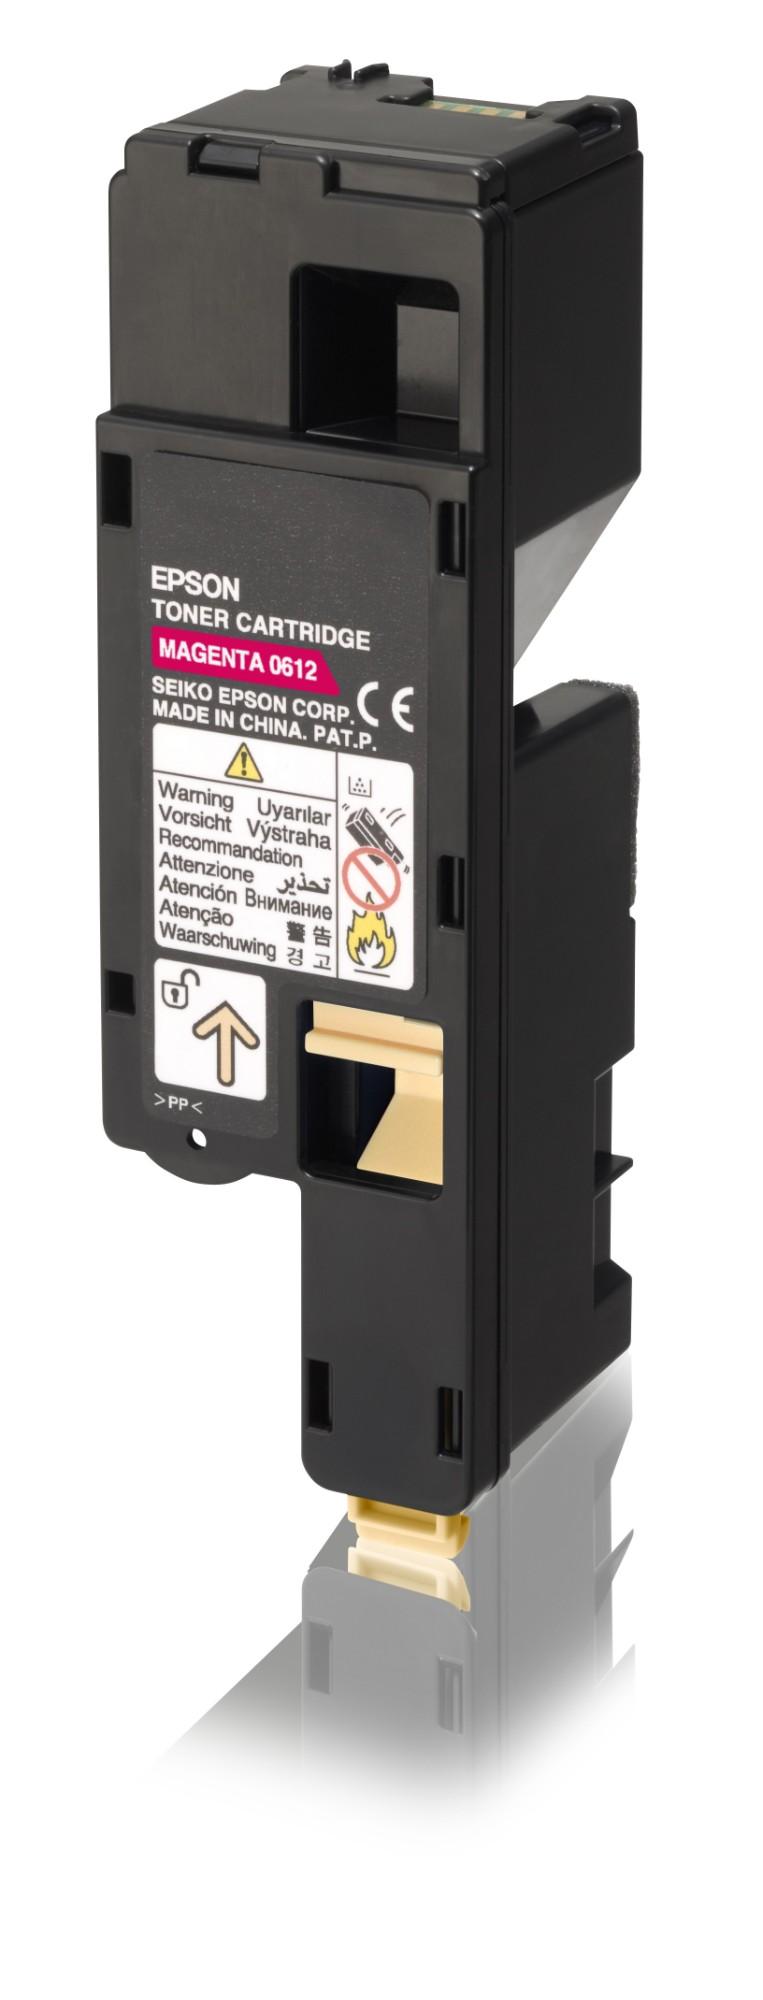 Epson Cartucho de tóner magenta alta capacidad 1.4k